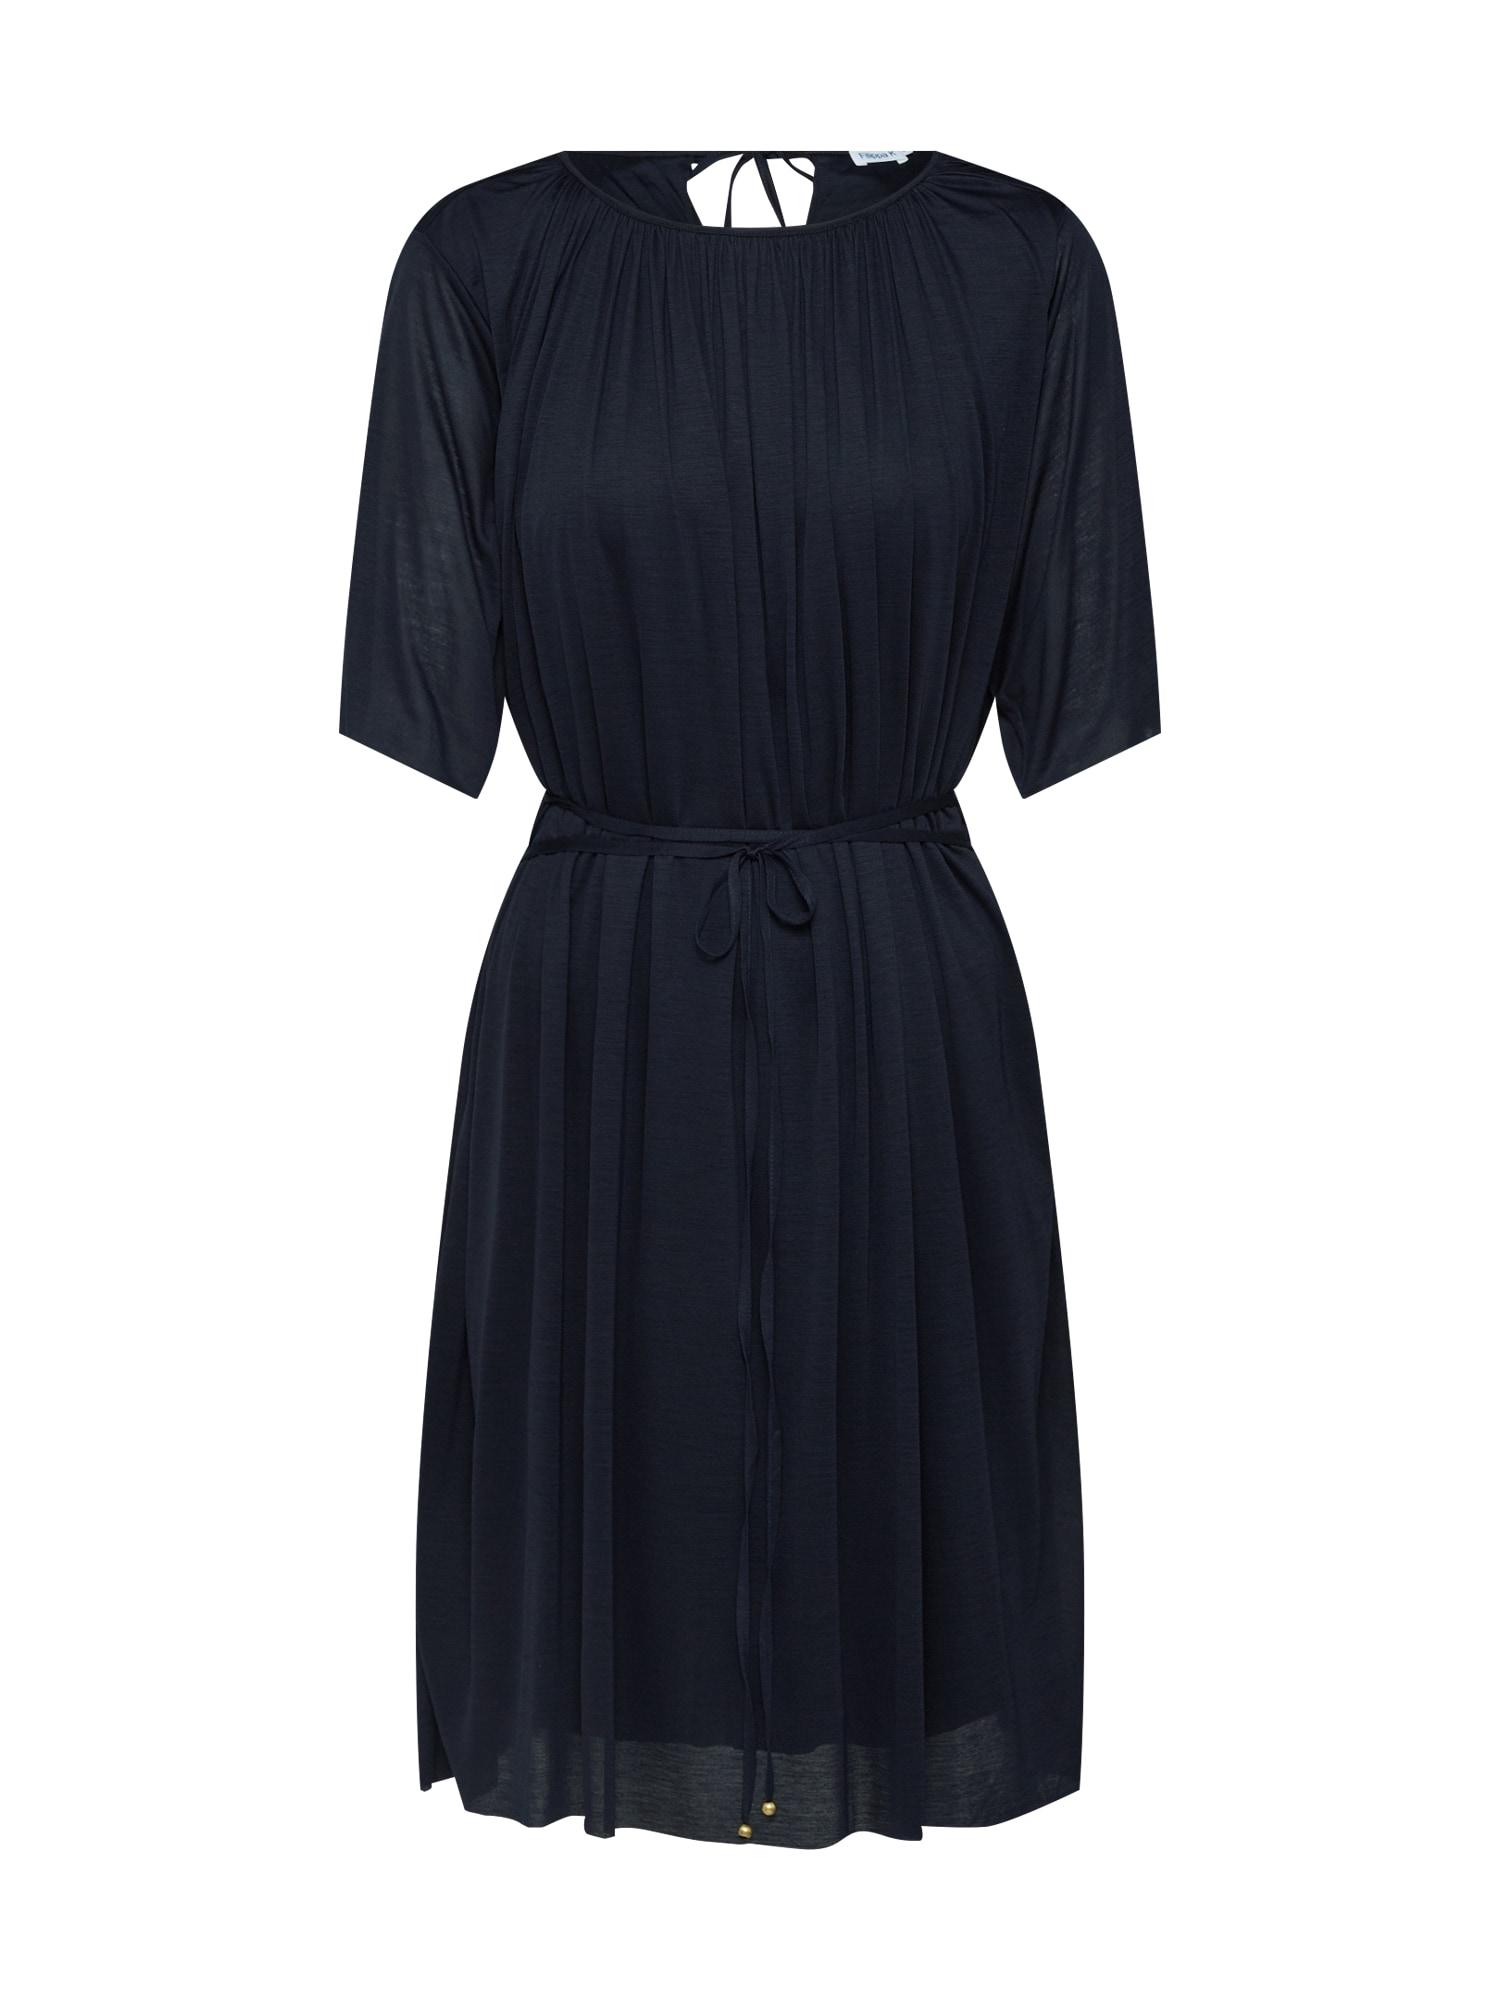 Šaty Gathered Tie námořnická modř Filippa K